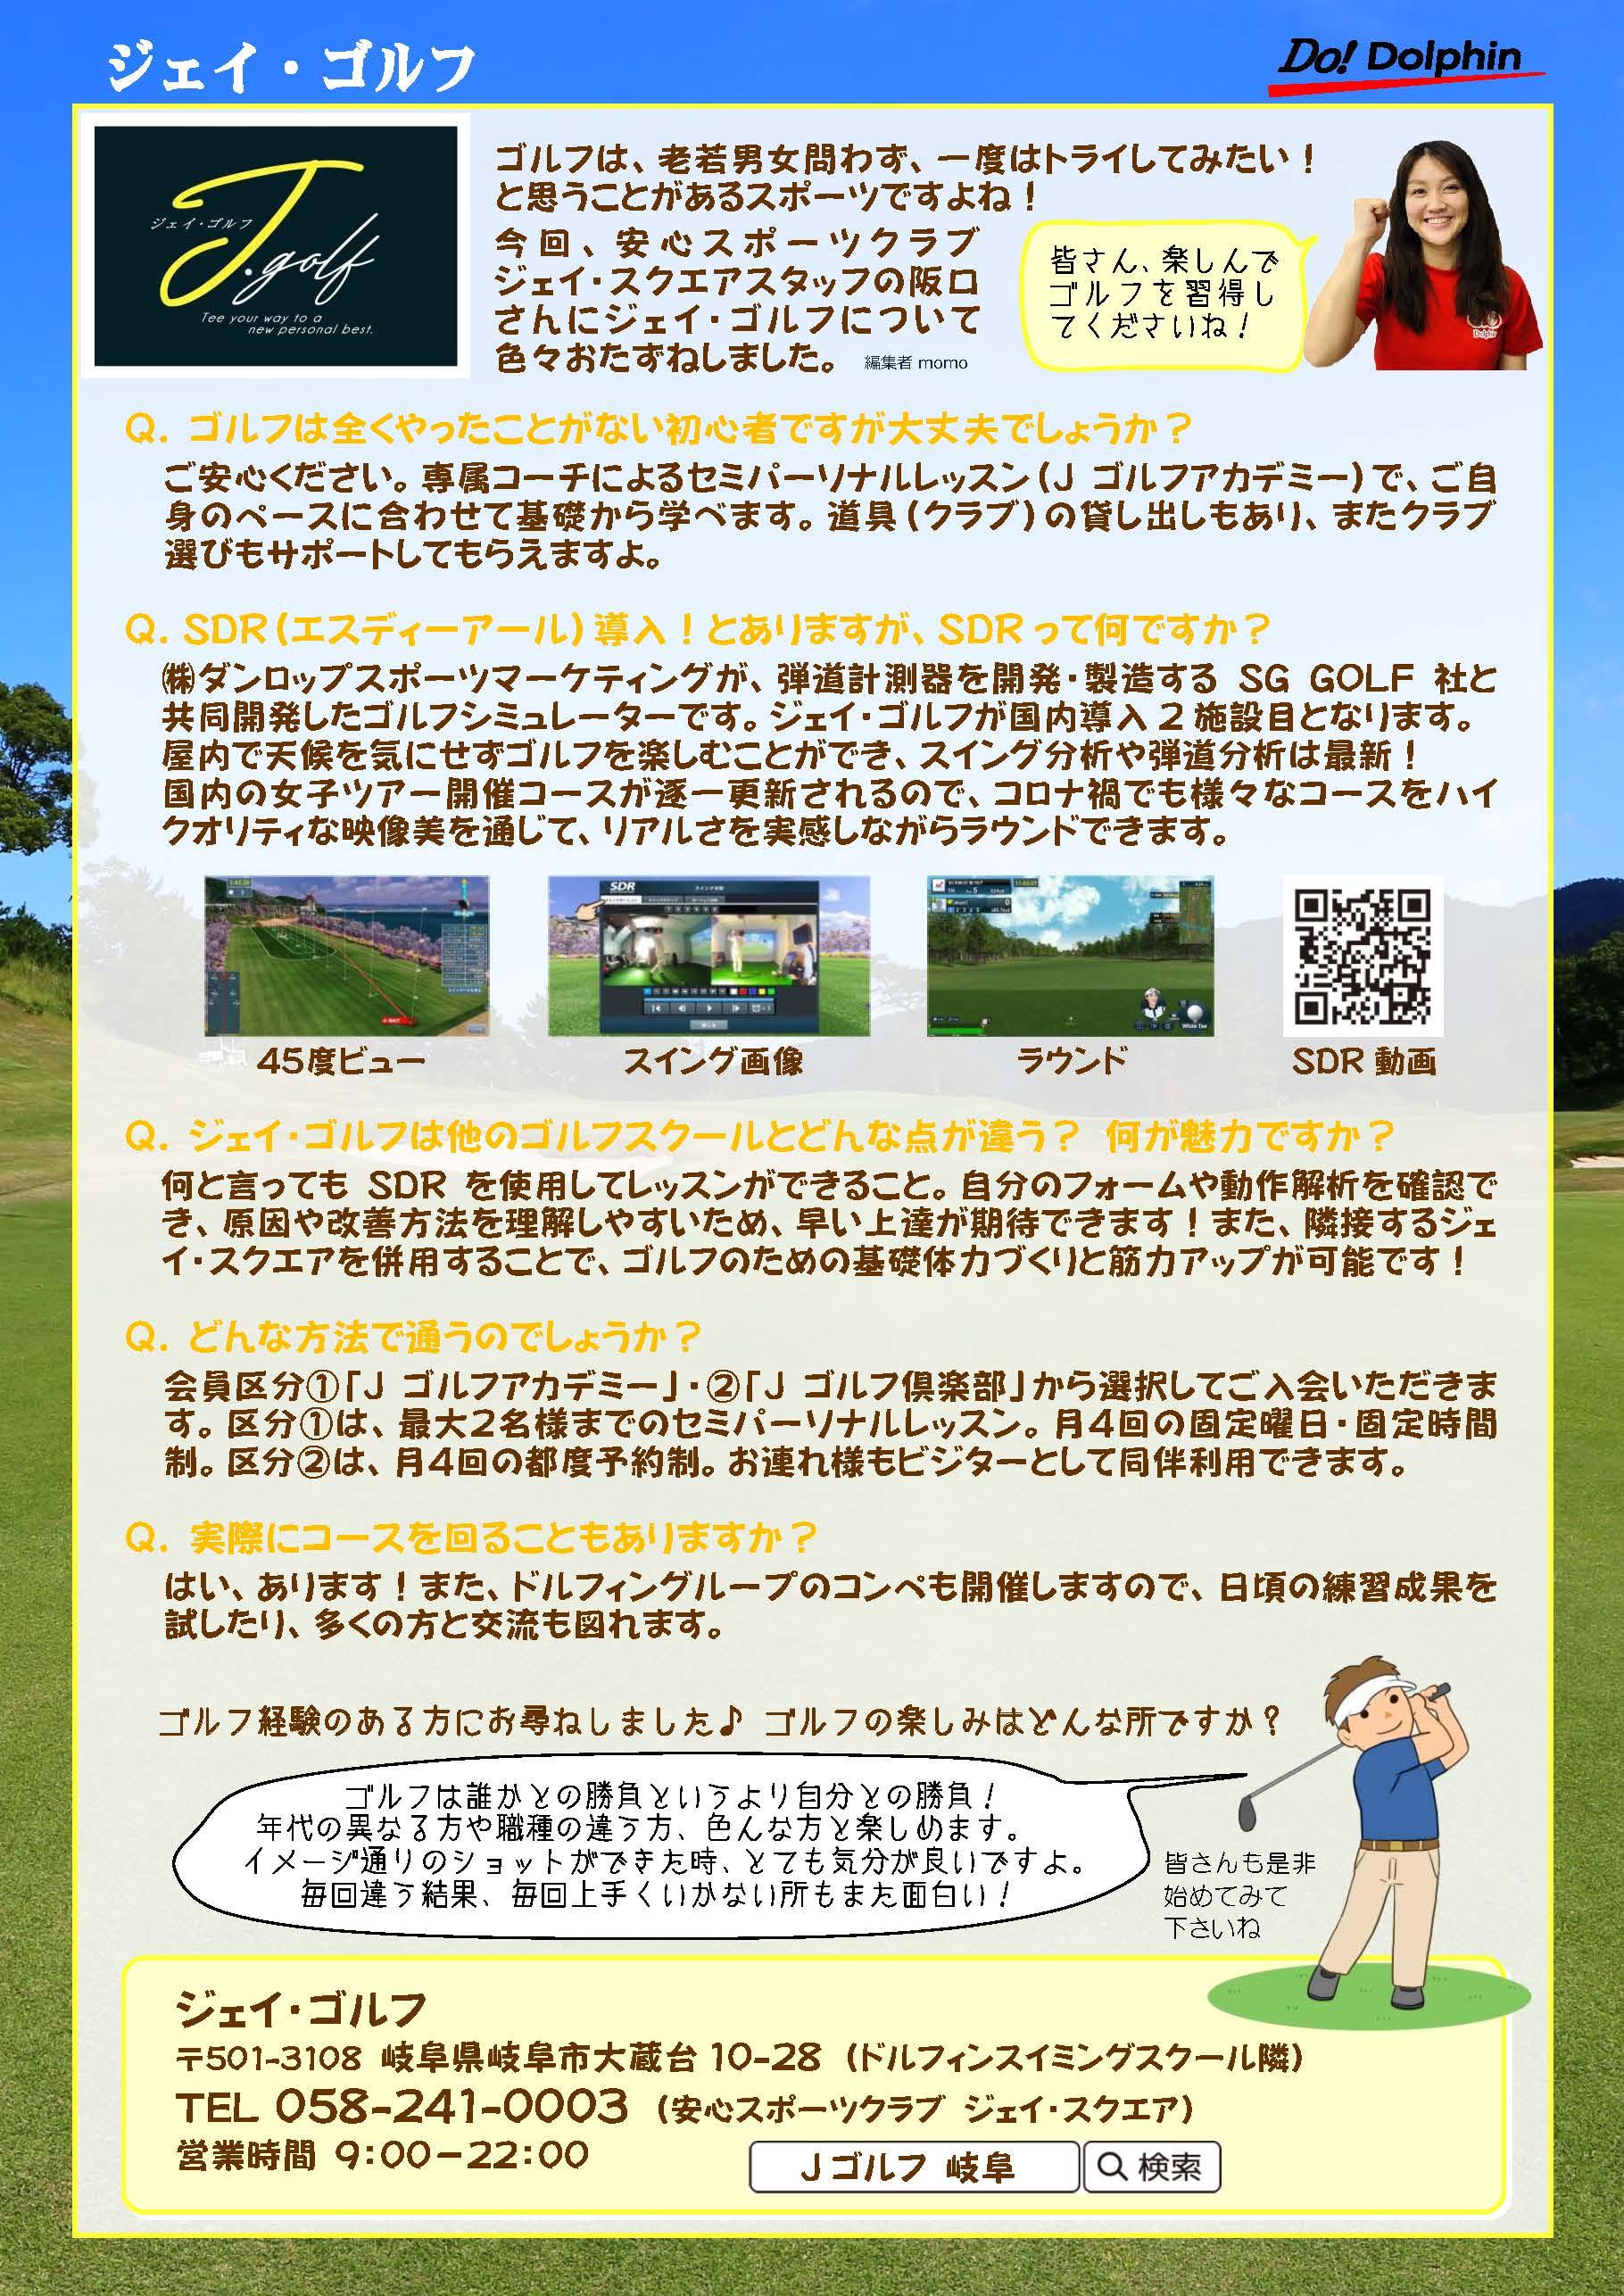 ドルフィン広報誌10月号四校_ページ_2